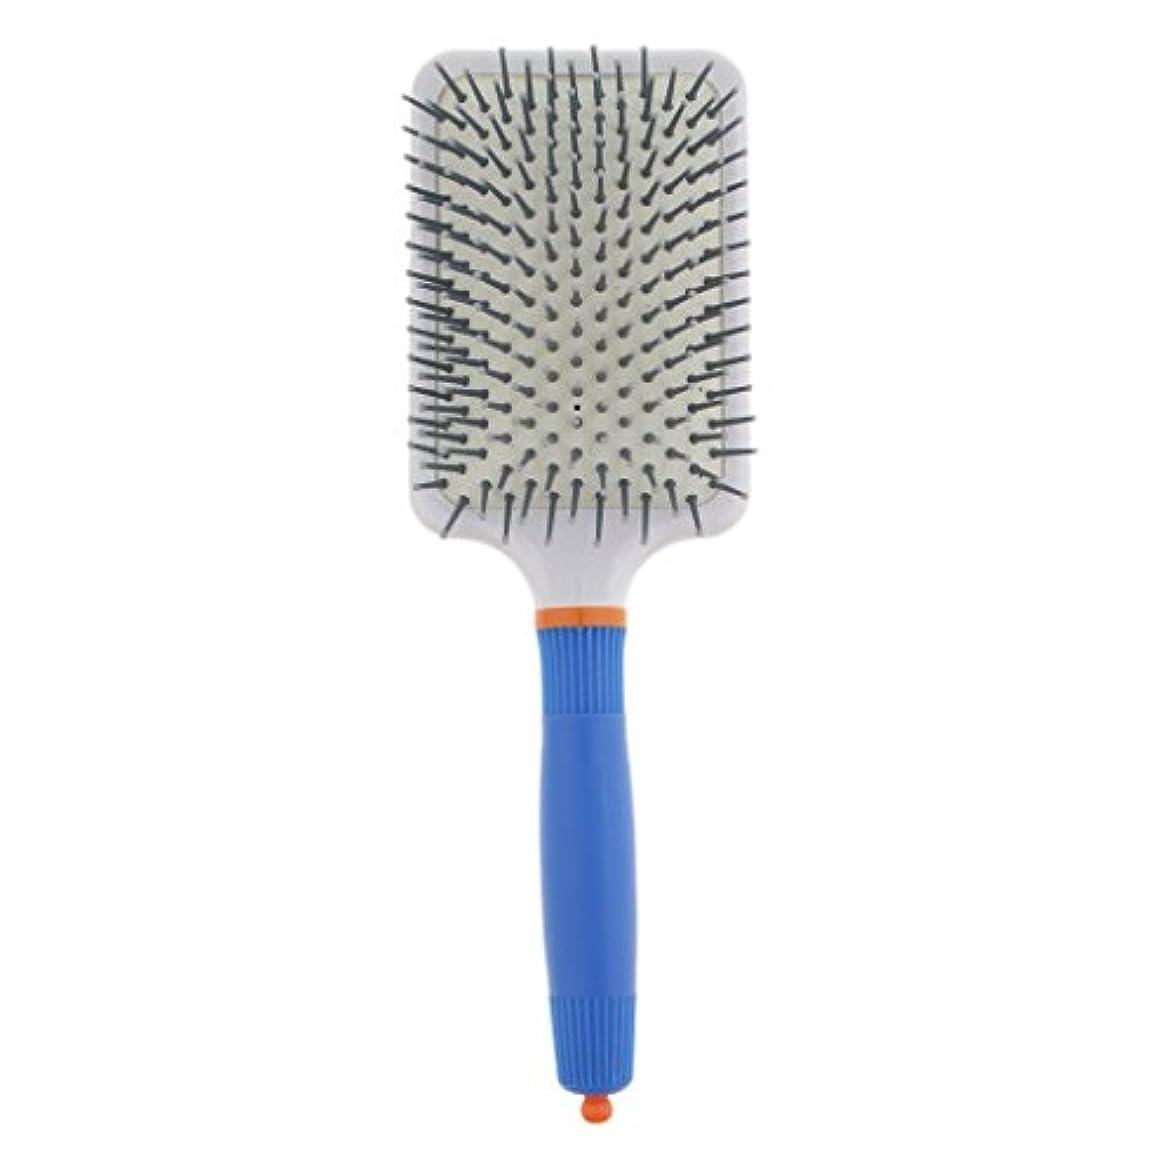 めまいスリーブ植物学者プラスチック製 ブラシ 頭皮マッサージブラシ フラットヘアブラシ 櫛 静電気防止 全2色 - ダークブルー